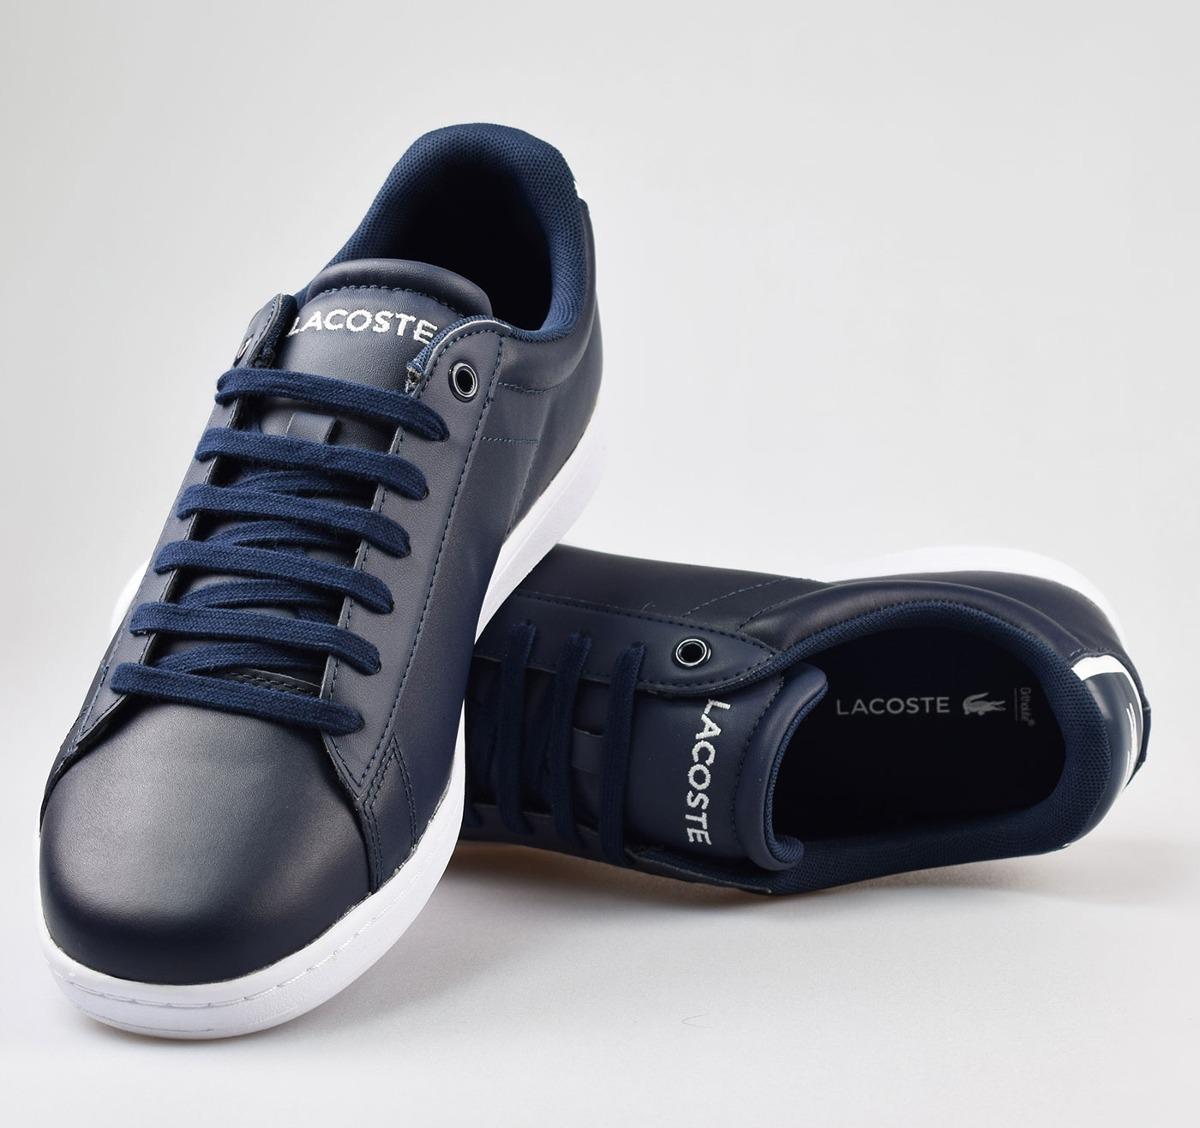 hotsale! zapatillas urbanas hombre lacoste carnaby evo bl 1. Cargando zoom. 7a1080f02ca92